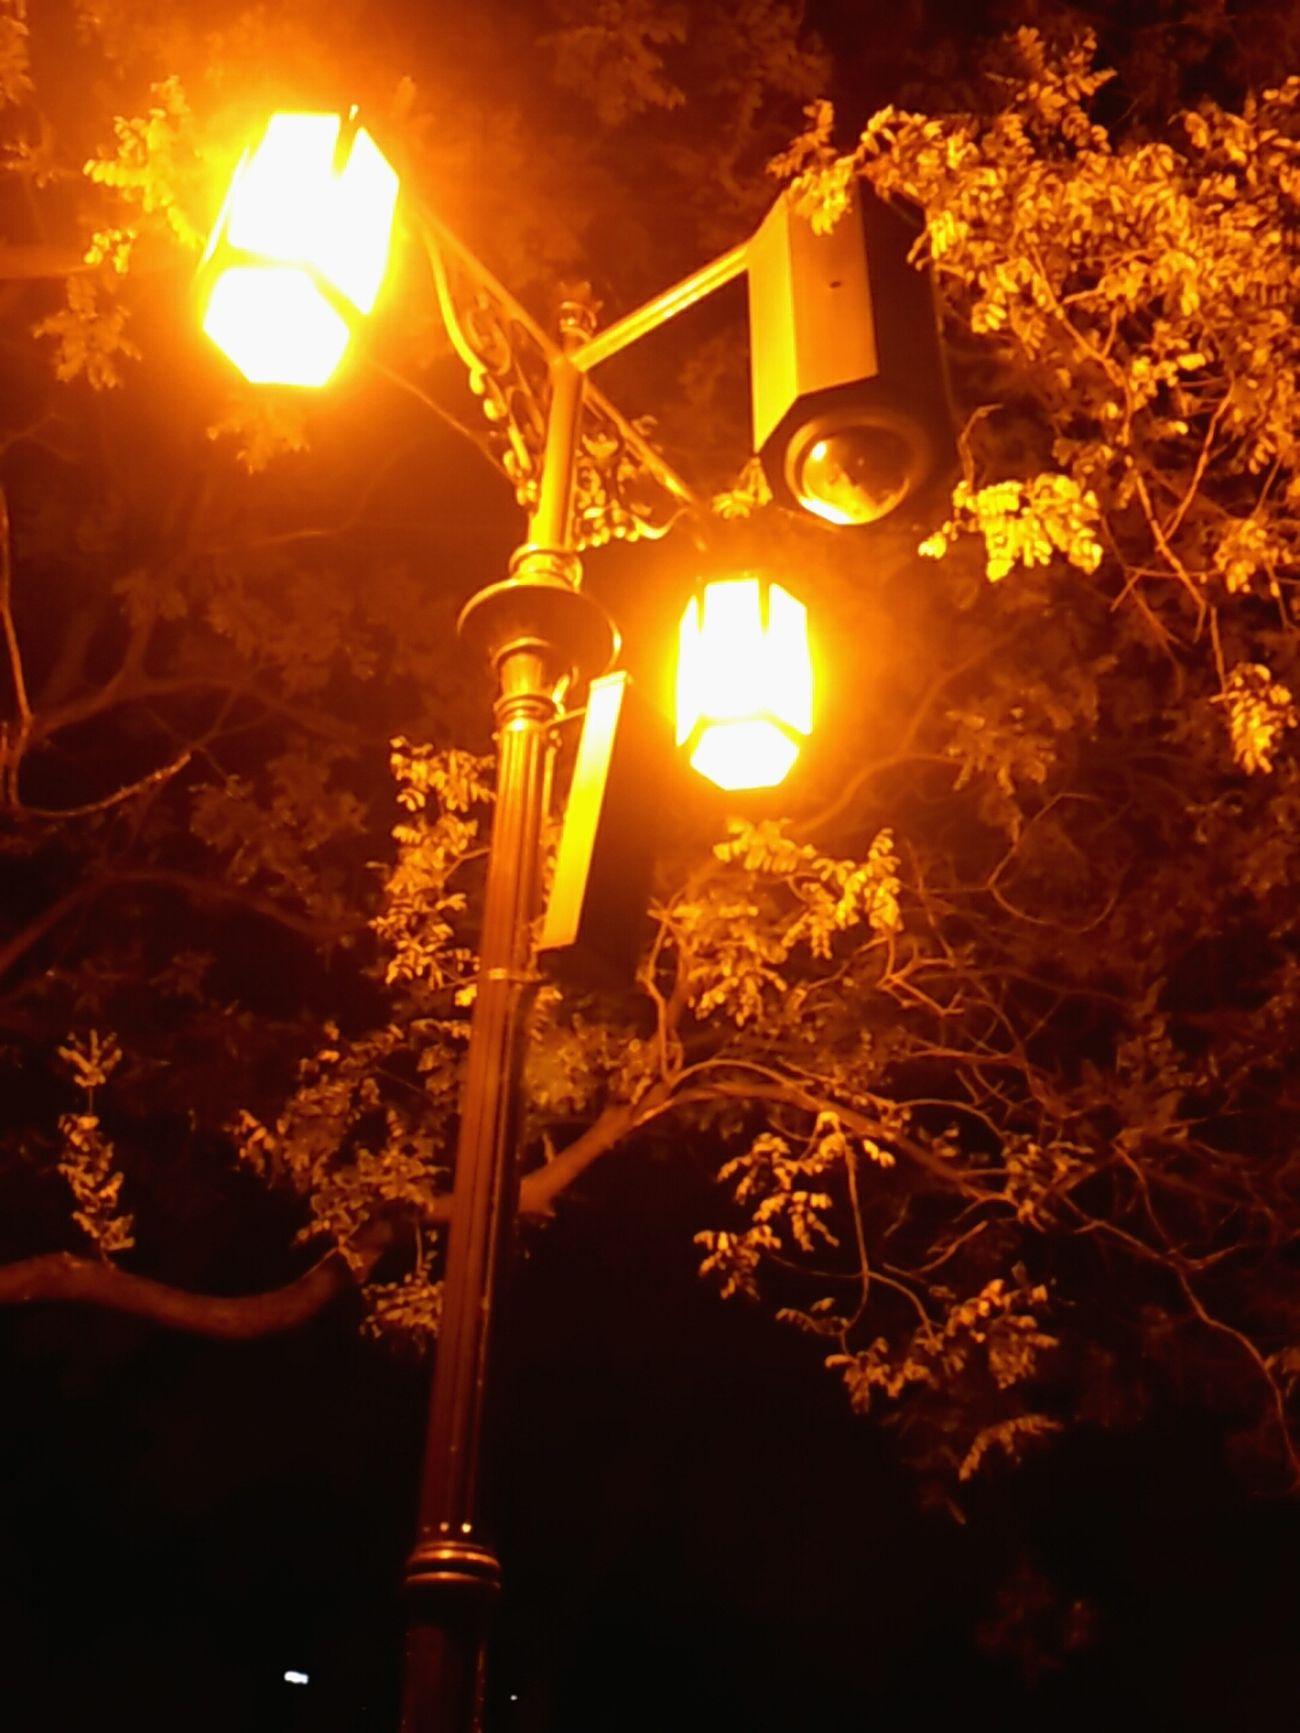 밤운동. 20분 동안 쉬지않고 달린 후 마지막 숨고르기 중. 너 cctv 맞지? 너는 나를 찍고 나는 너를 찍는다. Night Lights Park